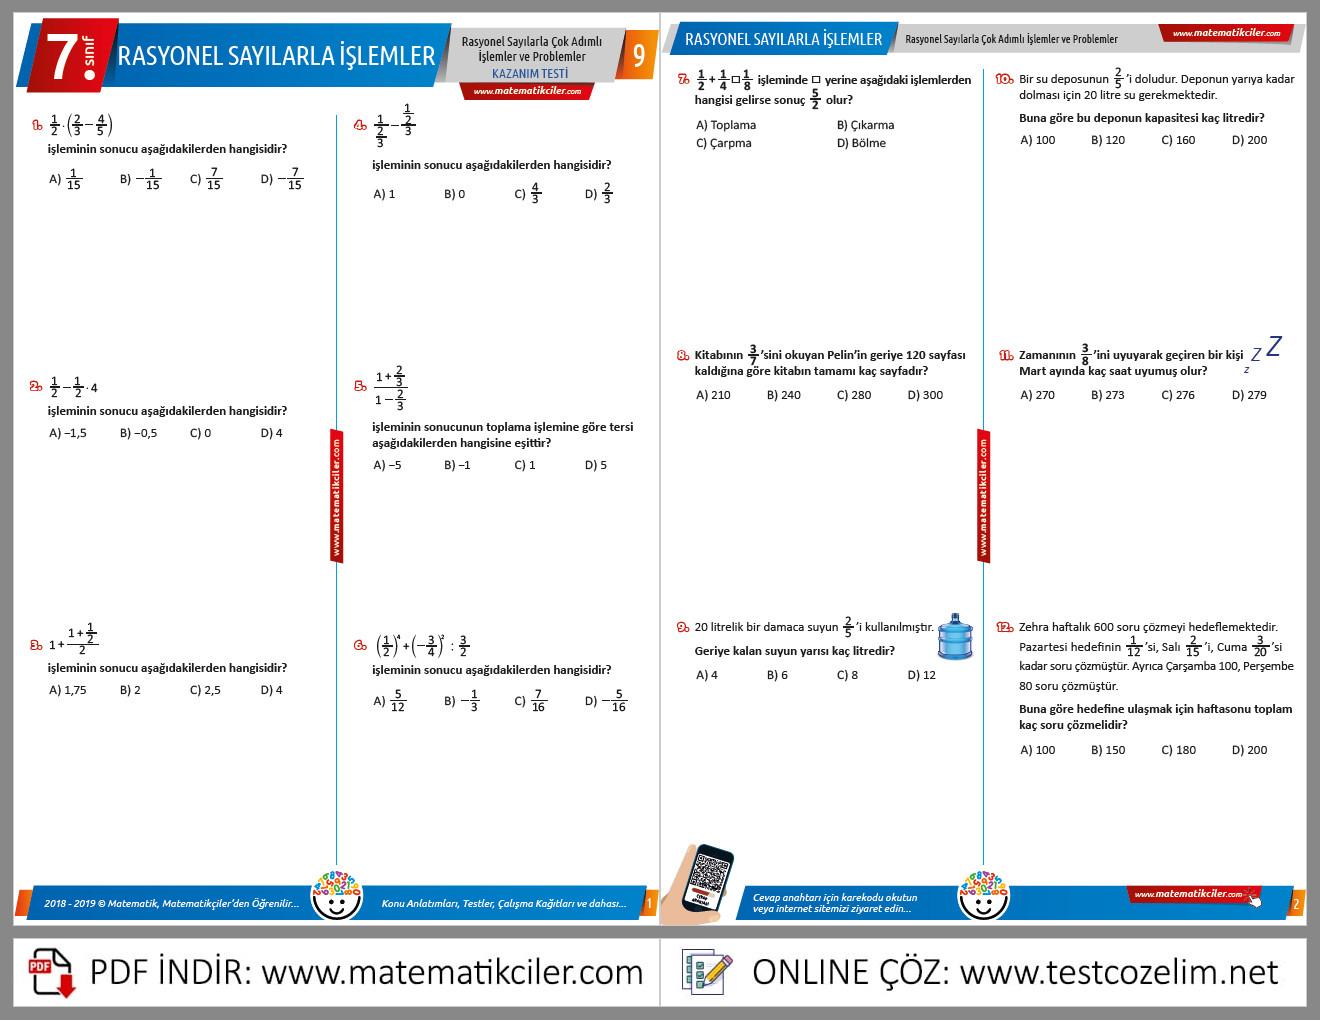 7. Sınıf Rasyonel Sayılarla Çok Adımlı İşlemler ve Problemler Testi